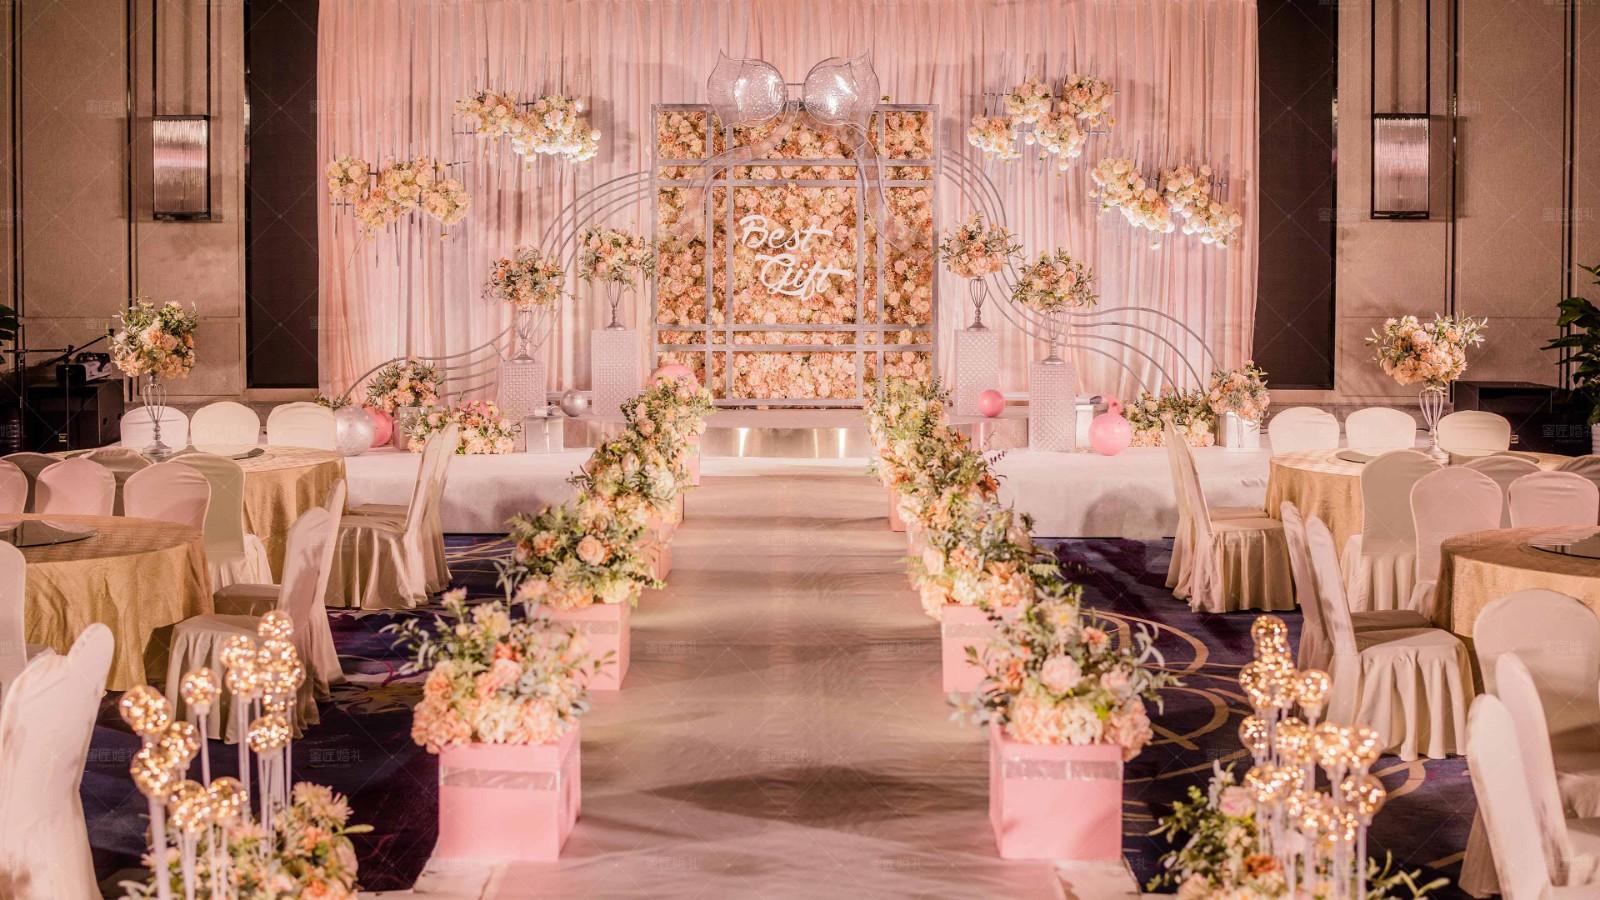 苏州婚礼跟拍哪家好 苏州婚礼跟拍多少钱